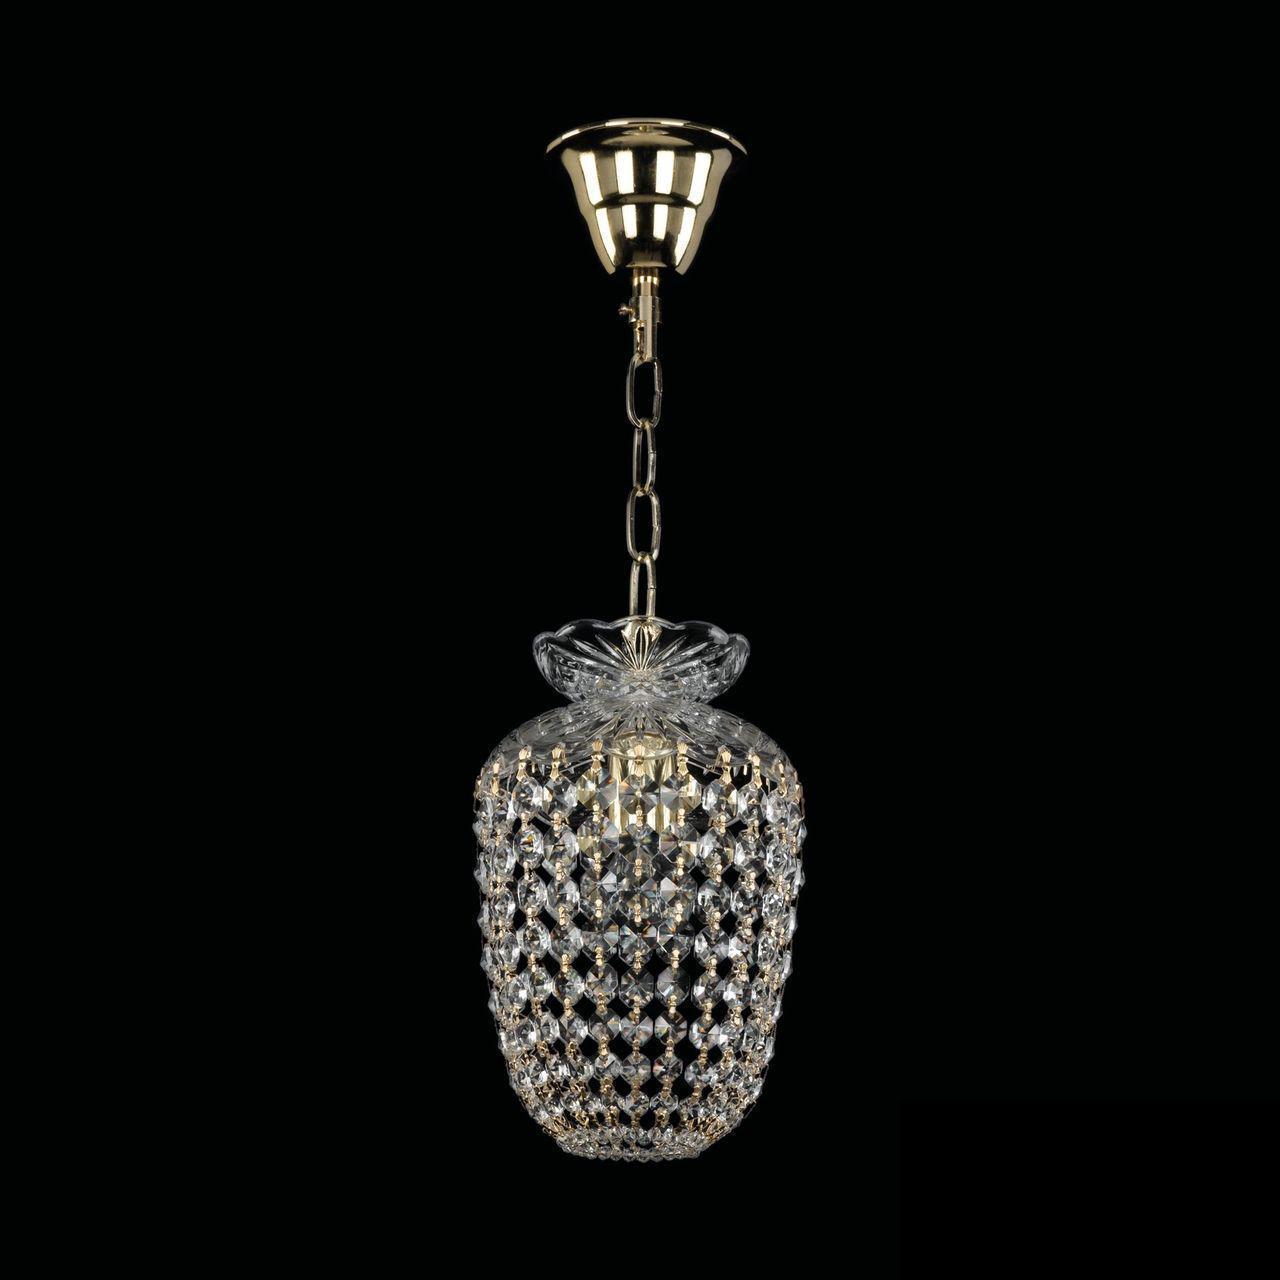 Подвесной светильник Bohemia Ivele 14771/15 G